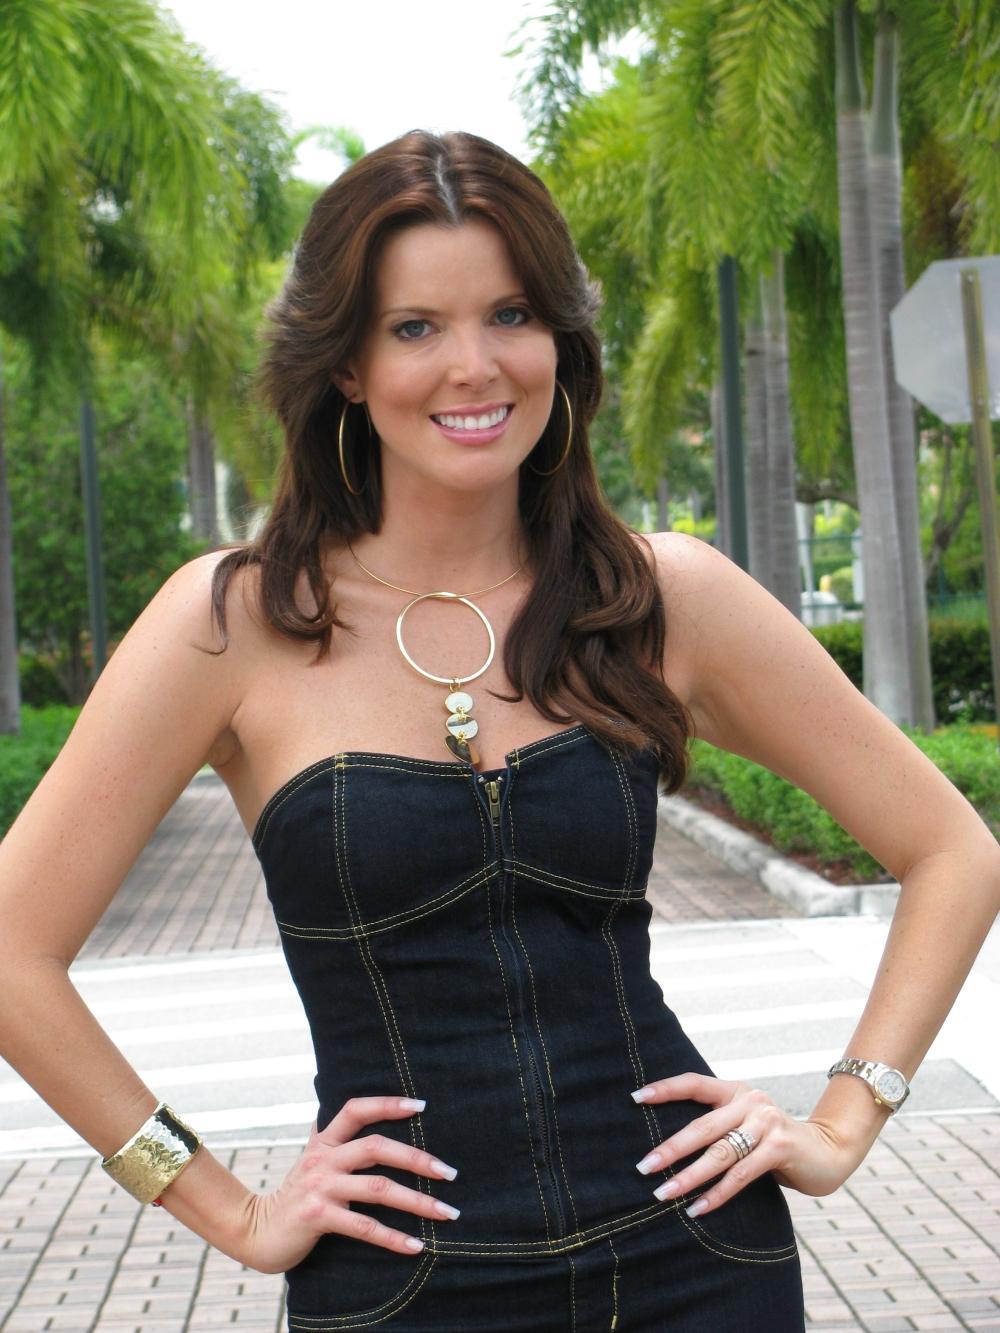 https://i1.wp.com/3.bp.blogspot.com/-ZHMOj8JQmKw/T4cf0KG5b9I/AAAAAAAACSQ/f7NdhqqJ_GU/s1600/Maritza+Rodriguez+vestido+negro.jpg